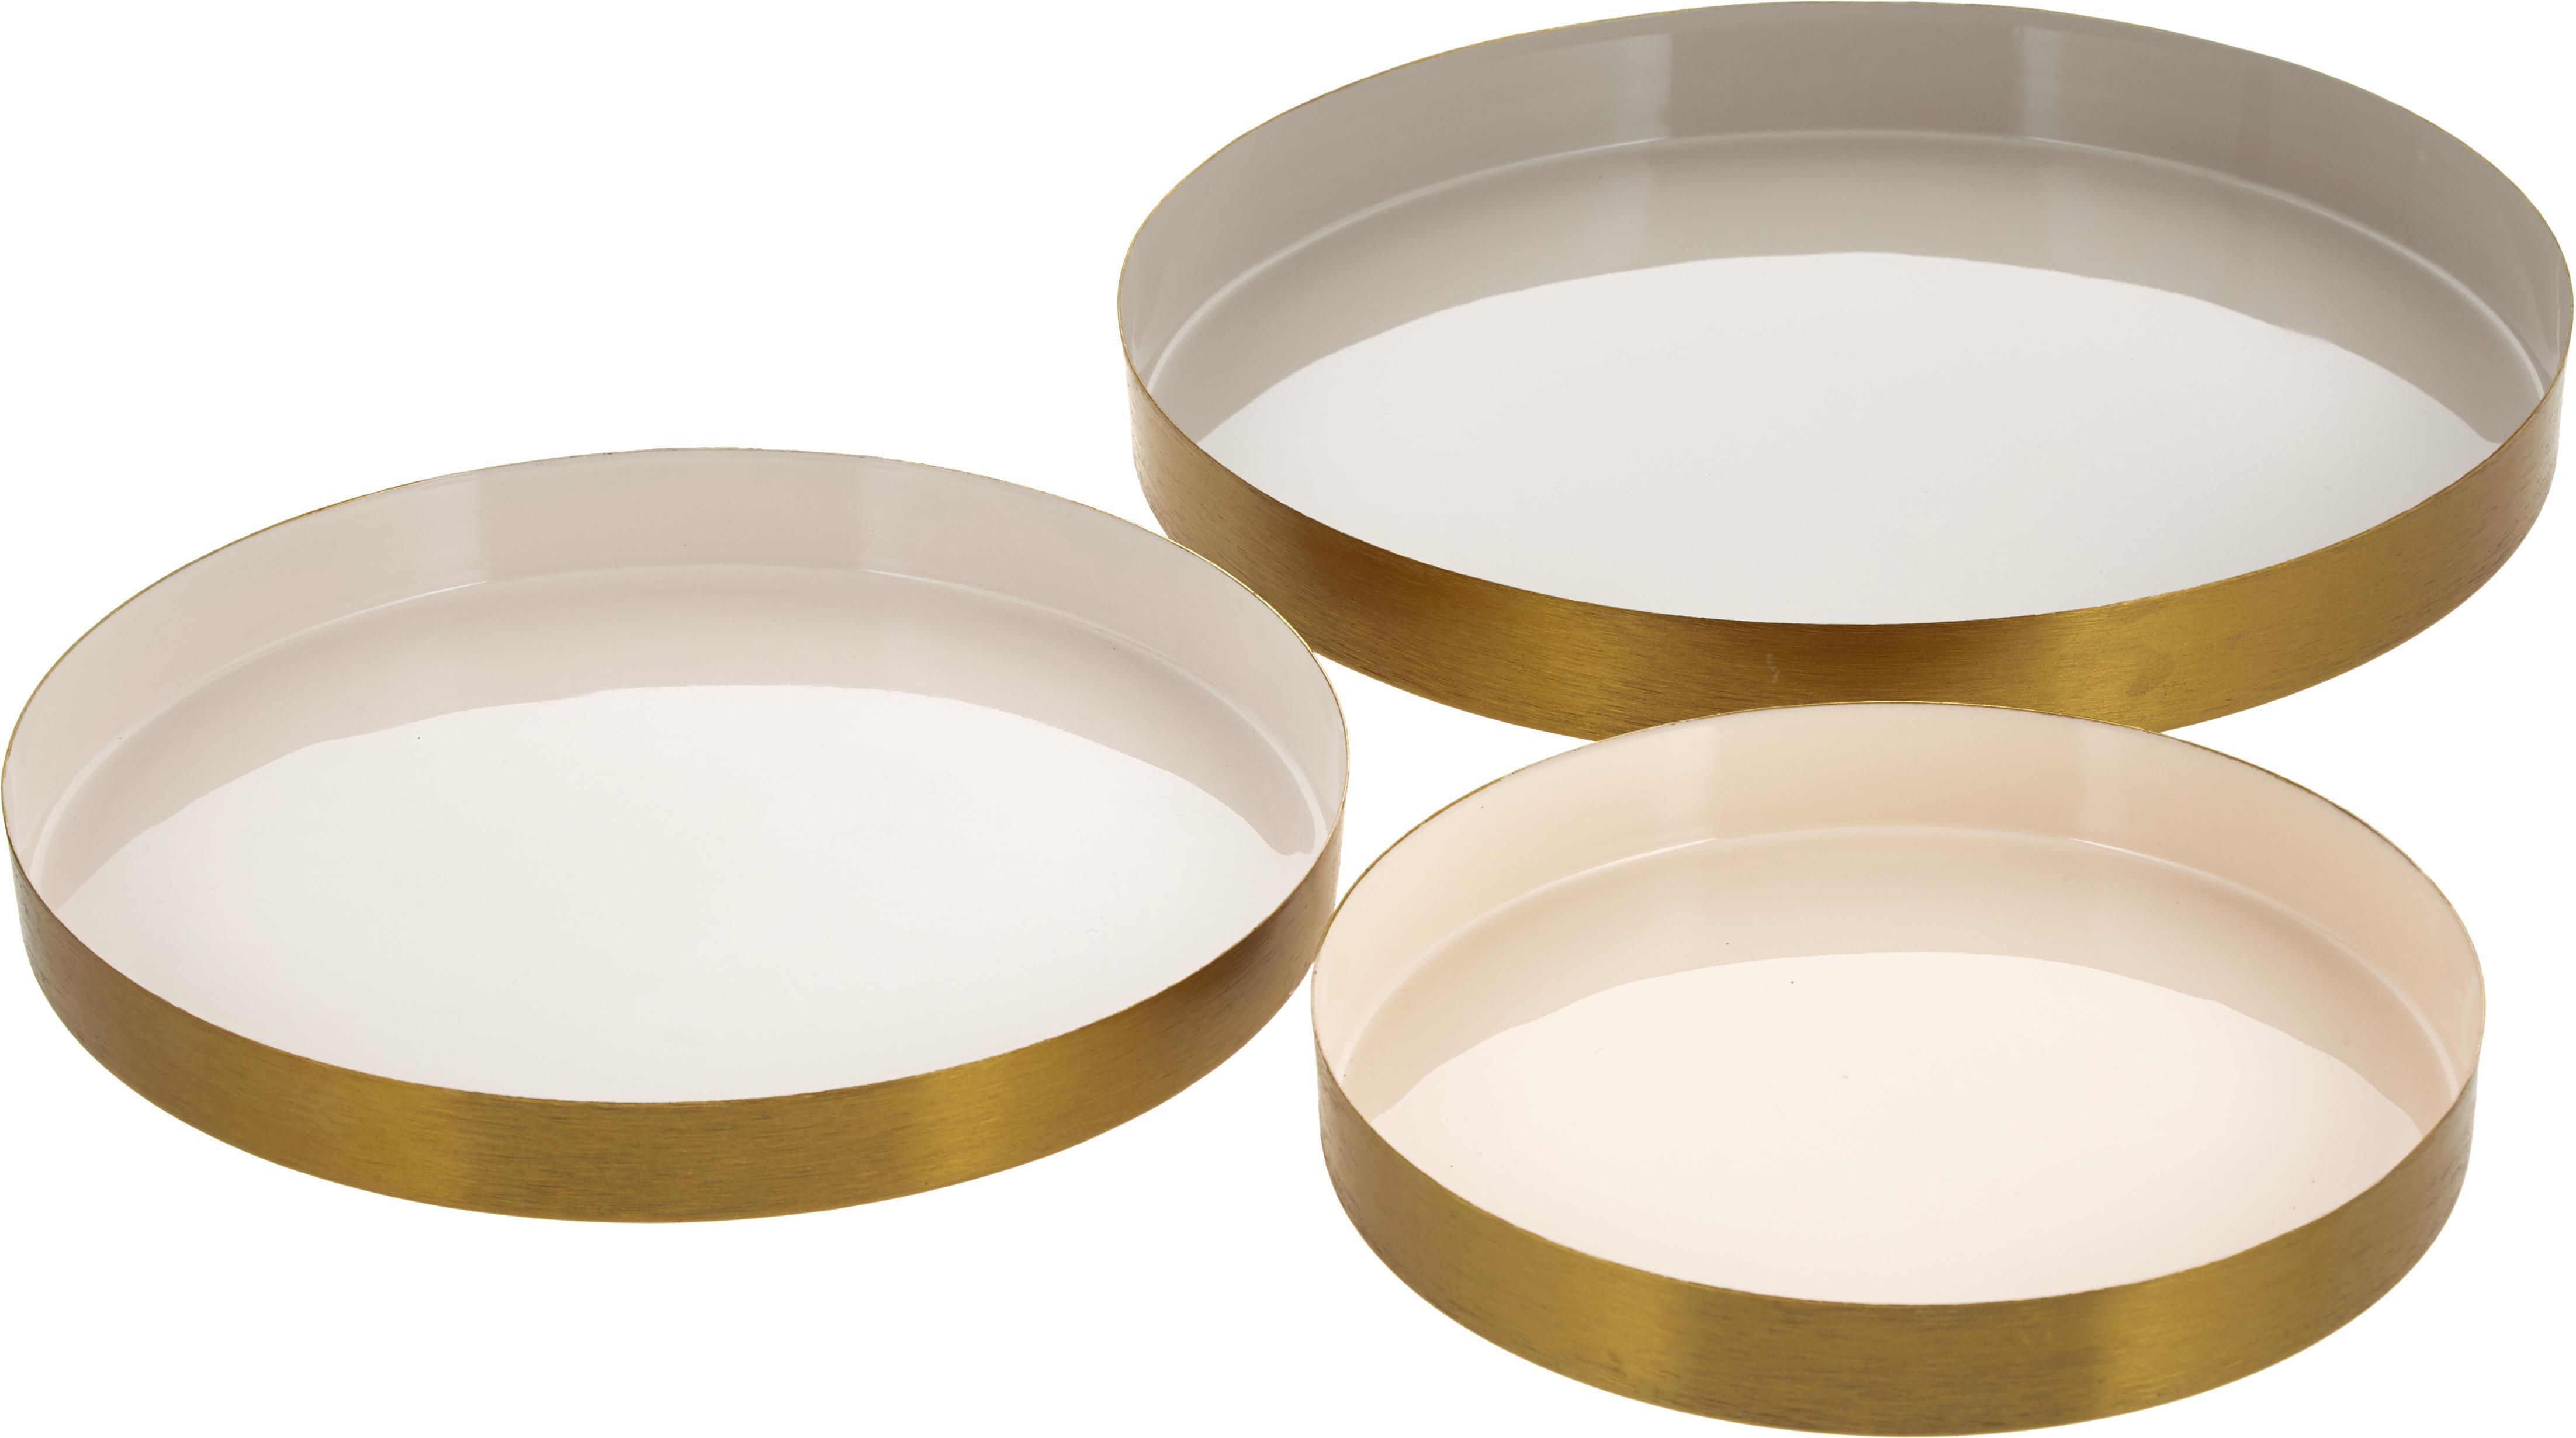 Decoratieve dienbladenset Ayra, 3-delig, Gelakt metaal, Grijs, beige, wit. Buitenrand: alle goudkleurig, Set met verschillende formaten